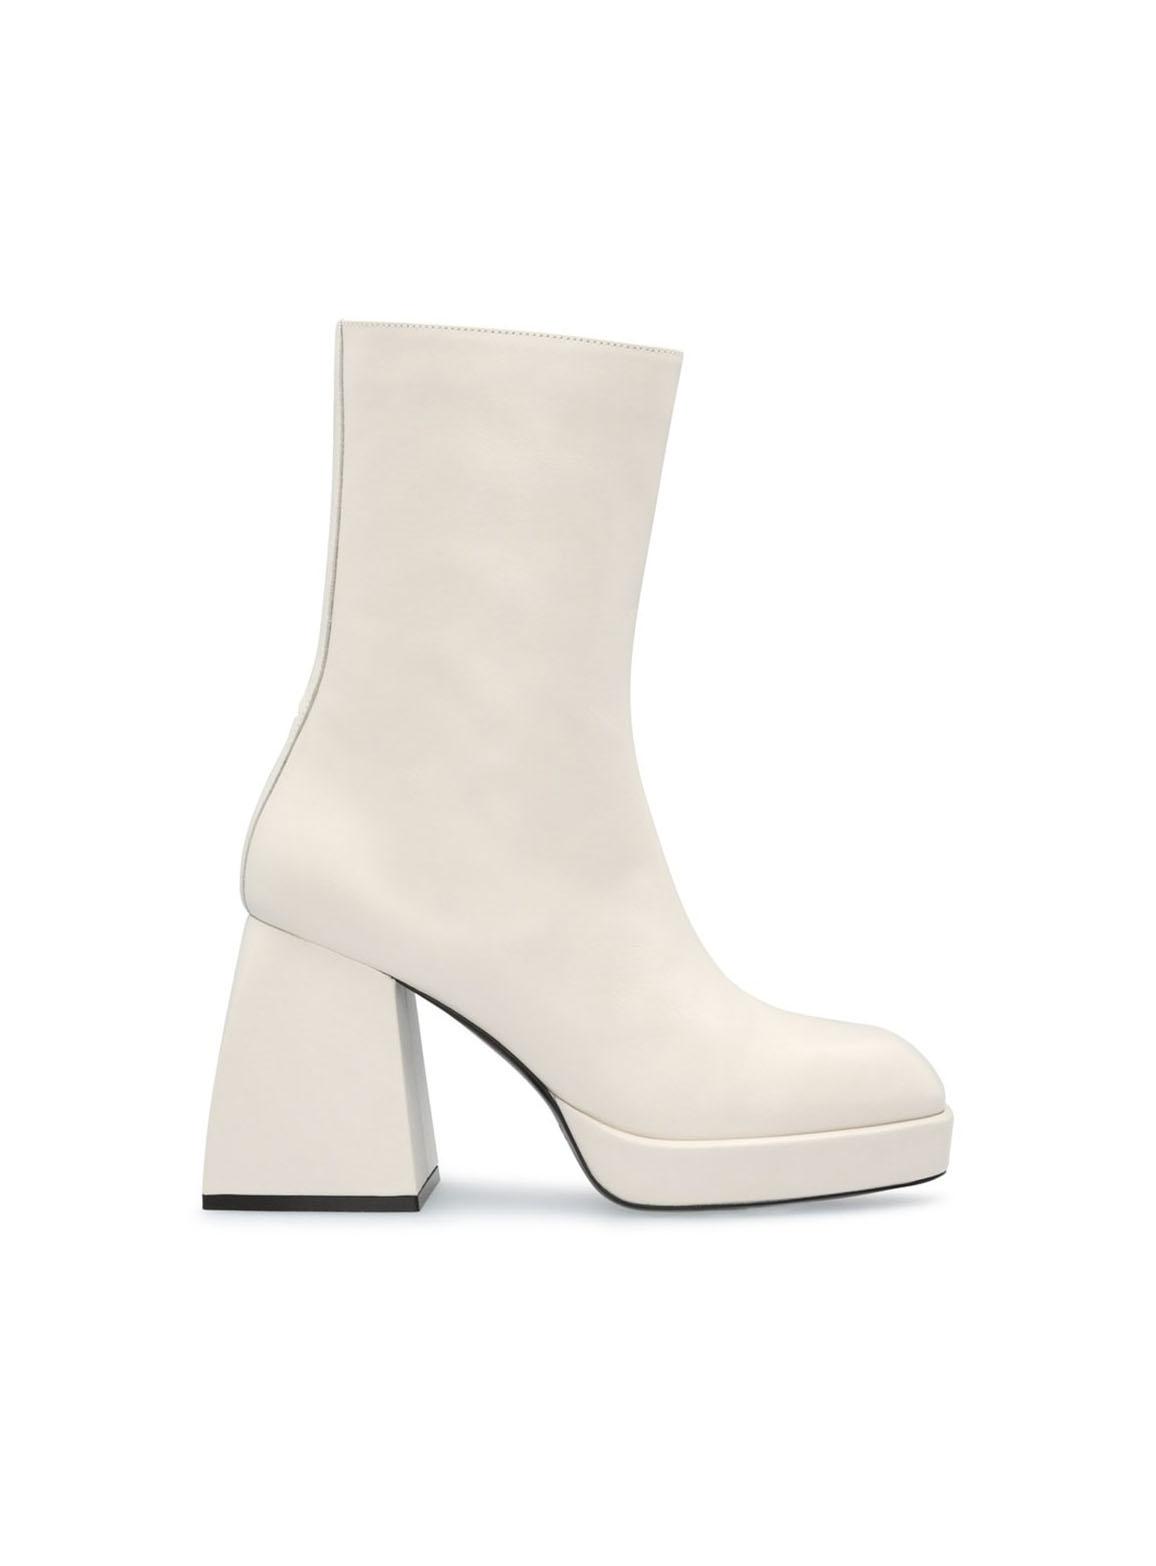 Bulla Corta boots